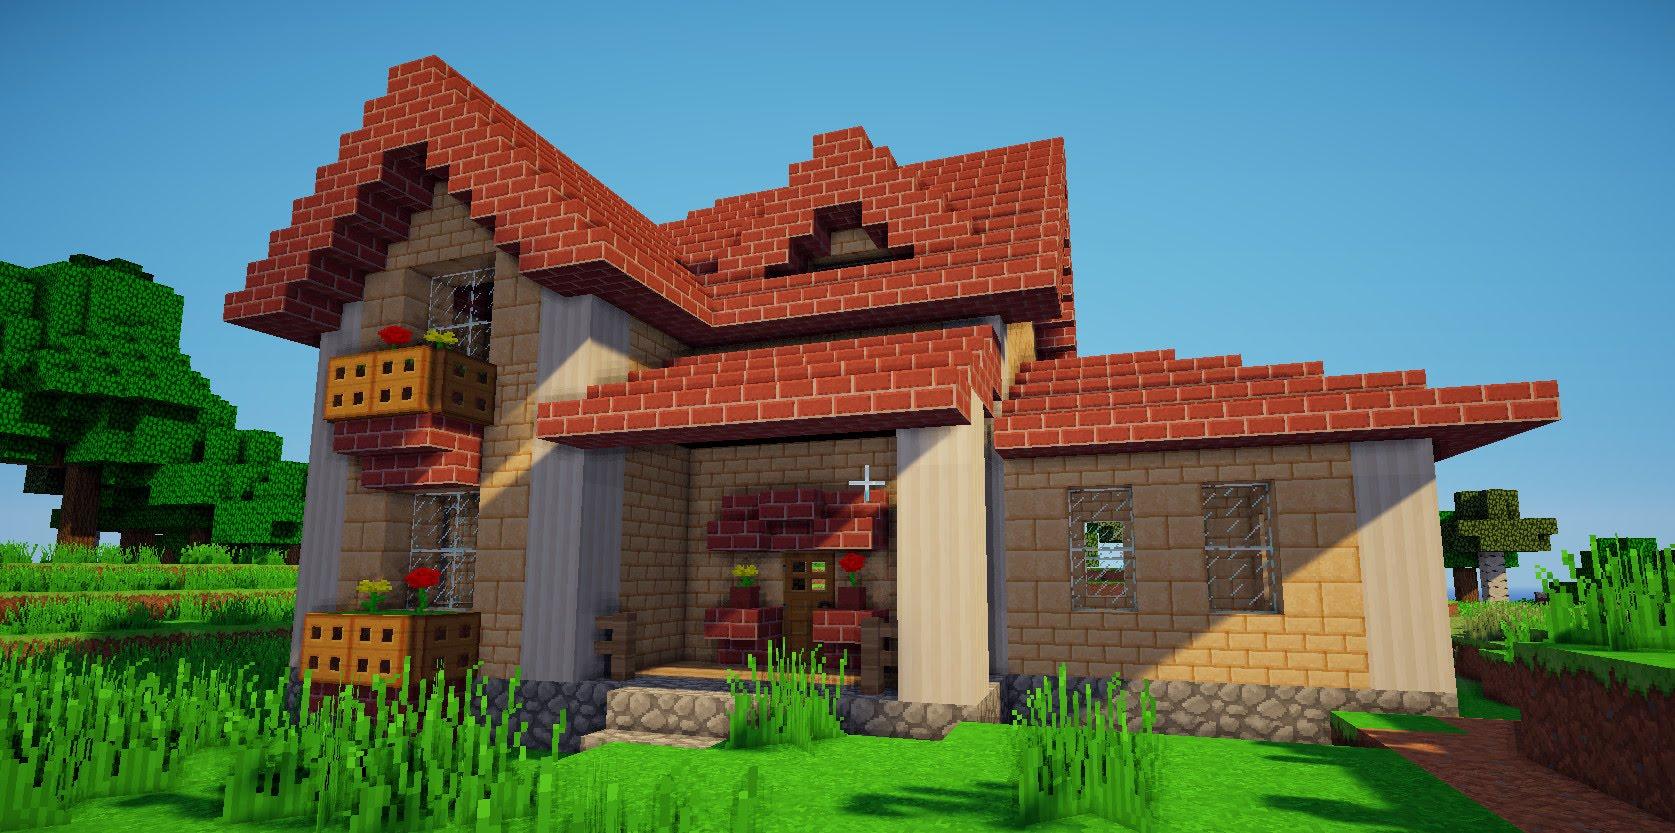 дома в майнкрафте красивые фото